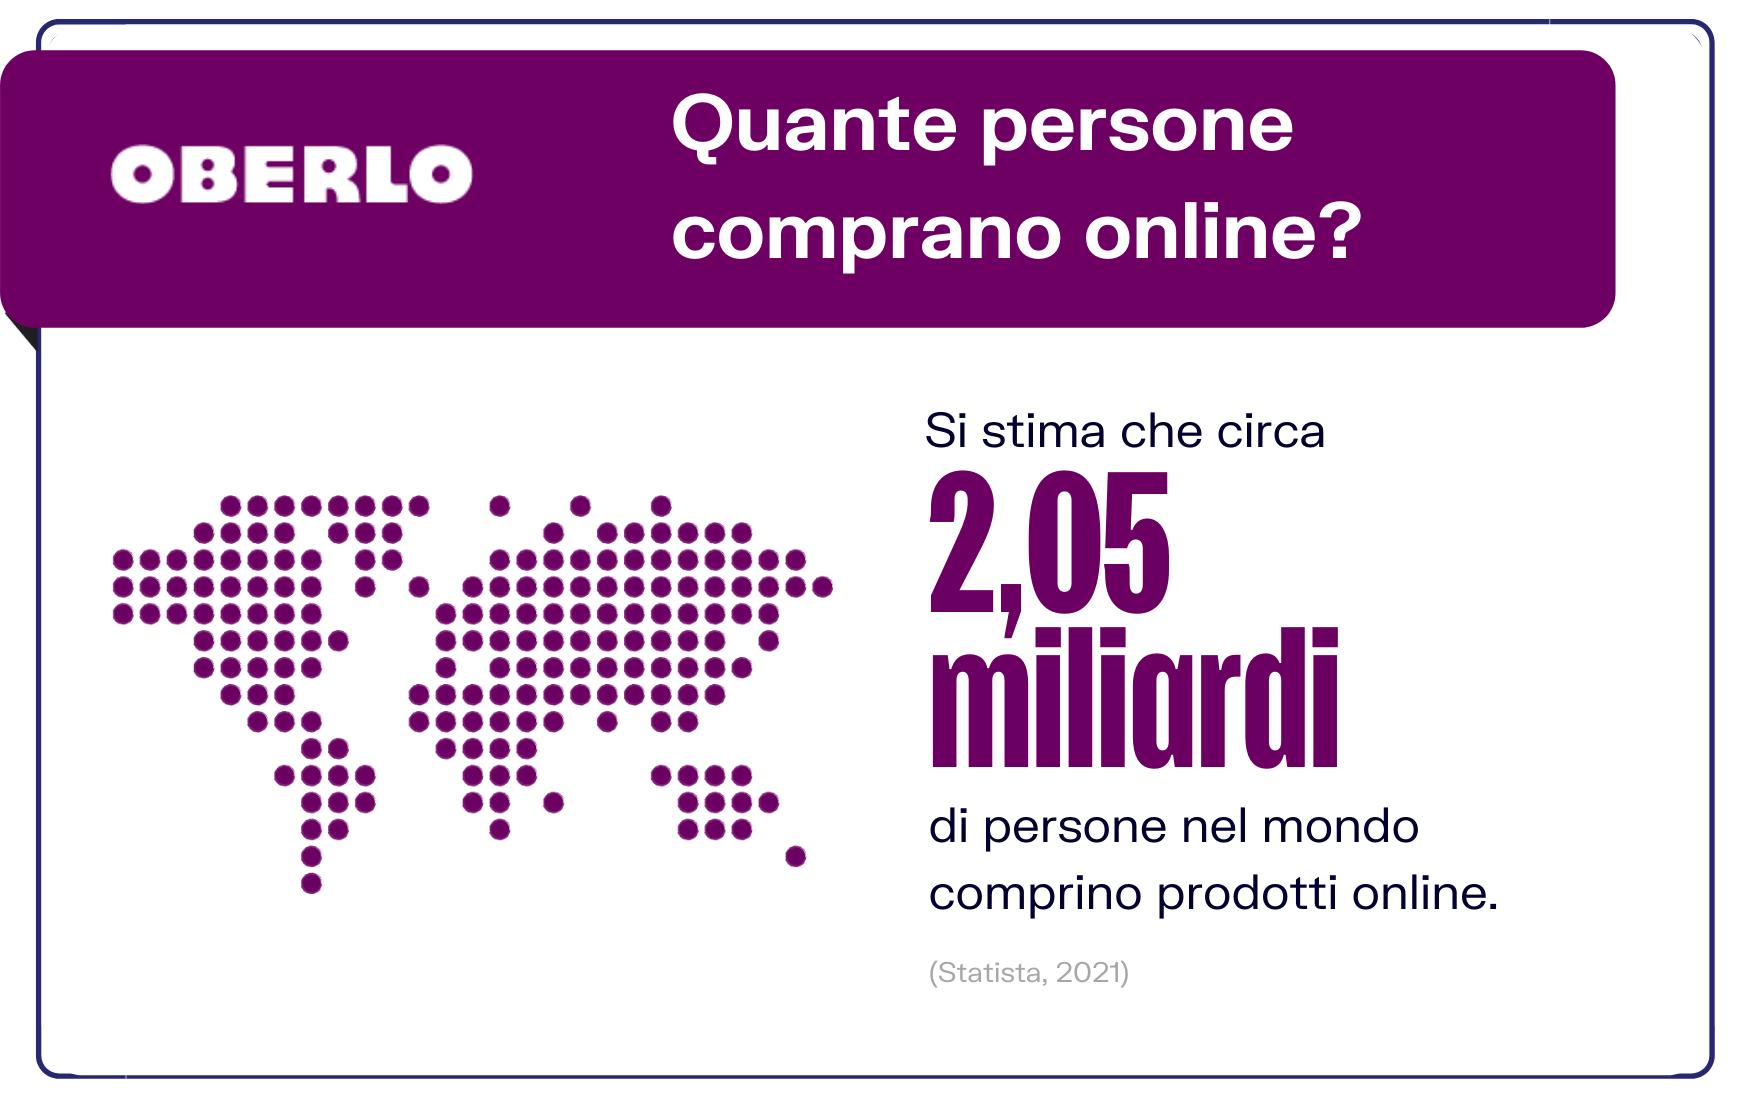 Statistiche acquisti online: quante persone comprano online? 2,05 miliardi.